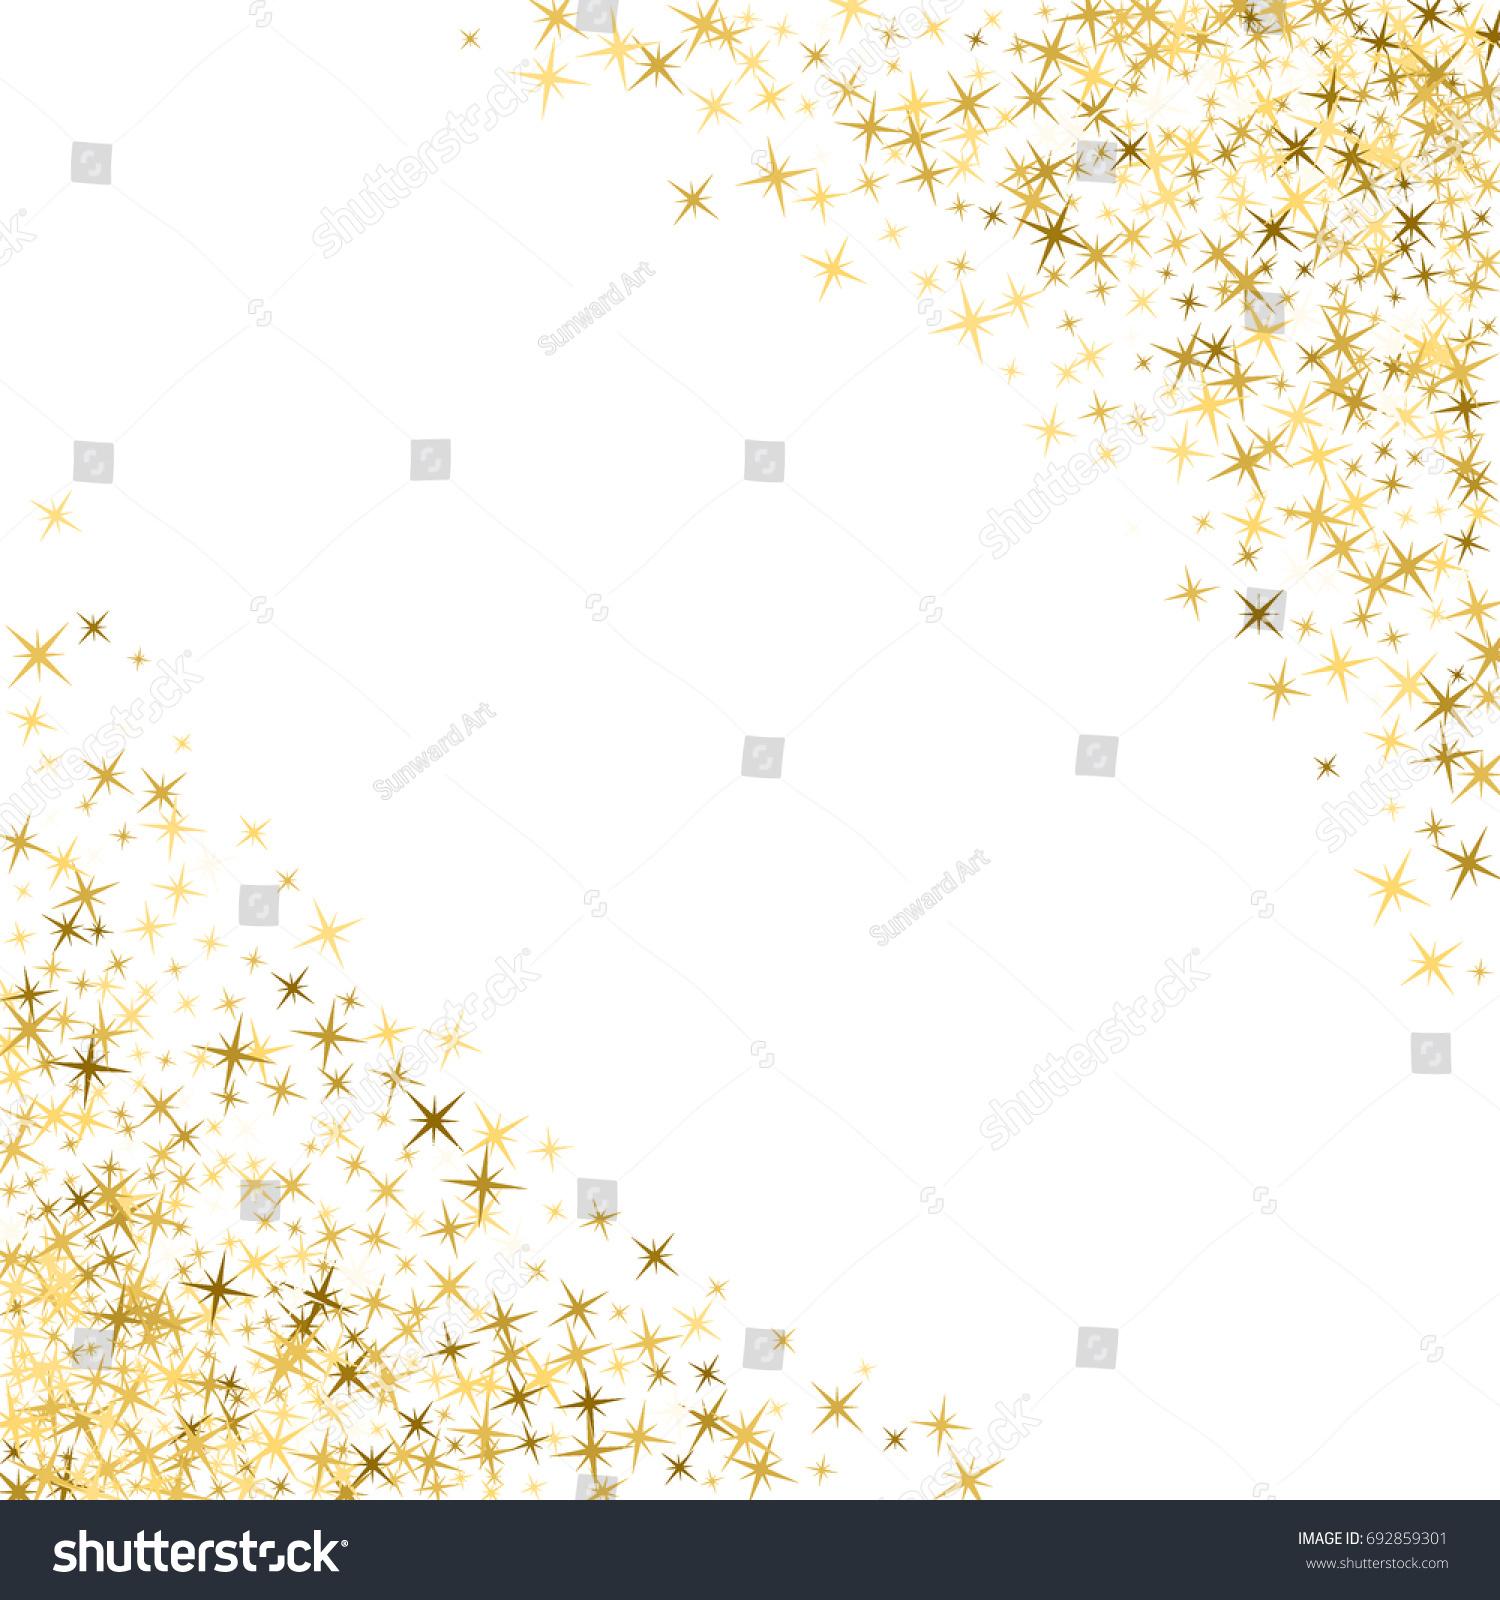 Magic Stars Golden Glitter Sparkles Vector Stock Vector ...